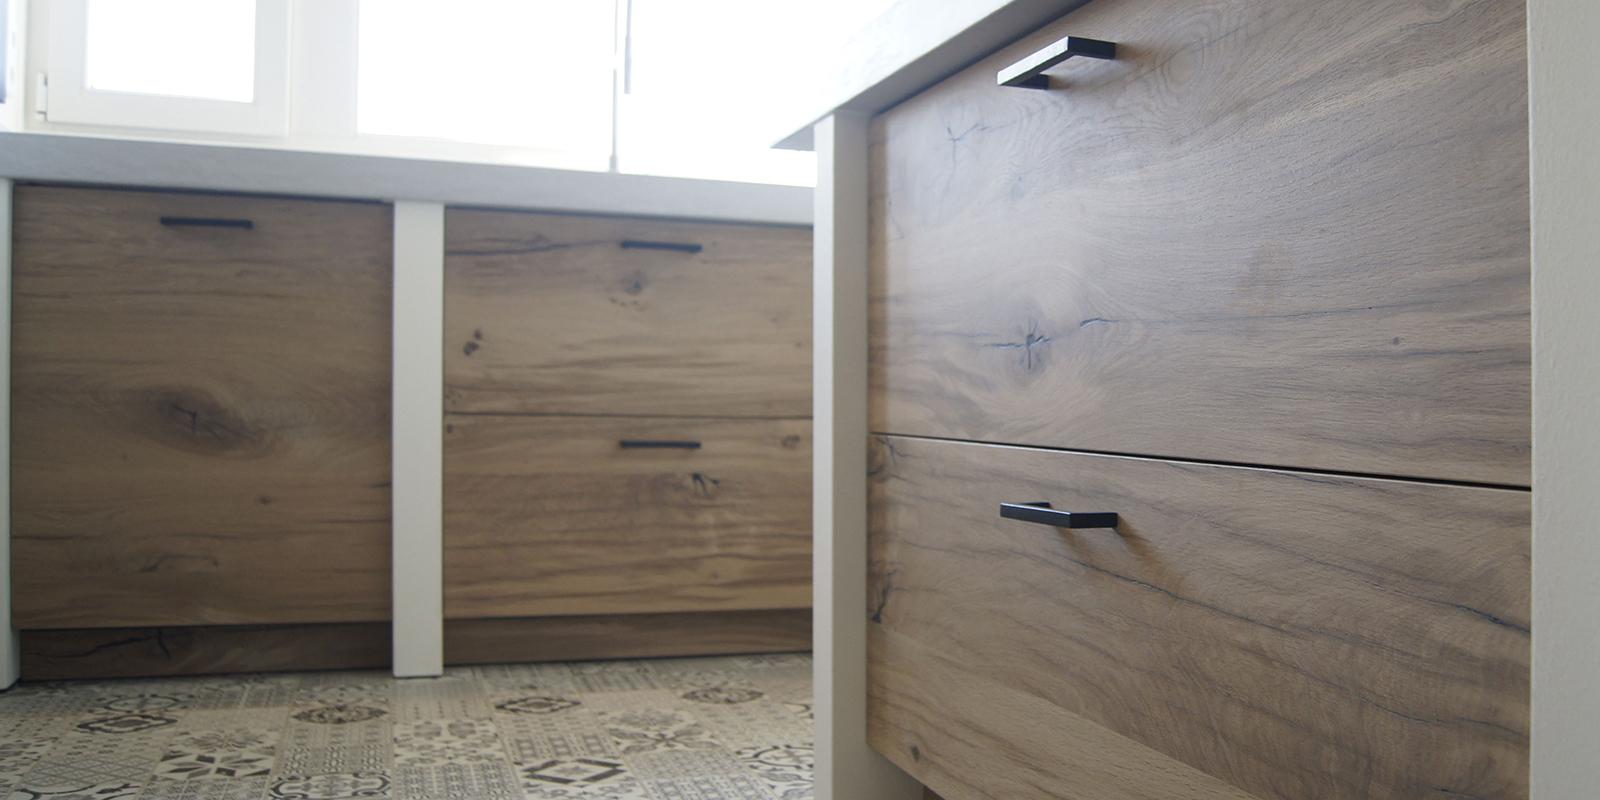 Tijdloze keuken, Dauby, moderne woning